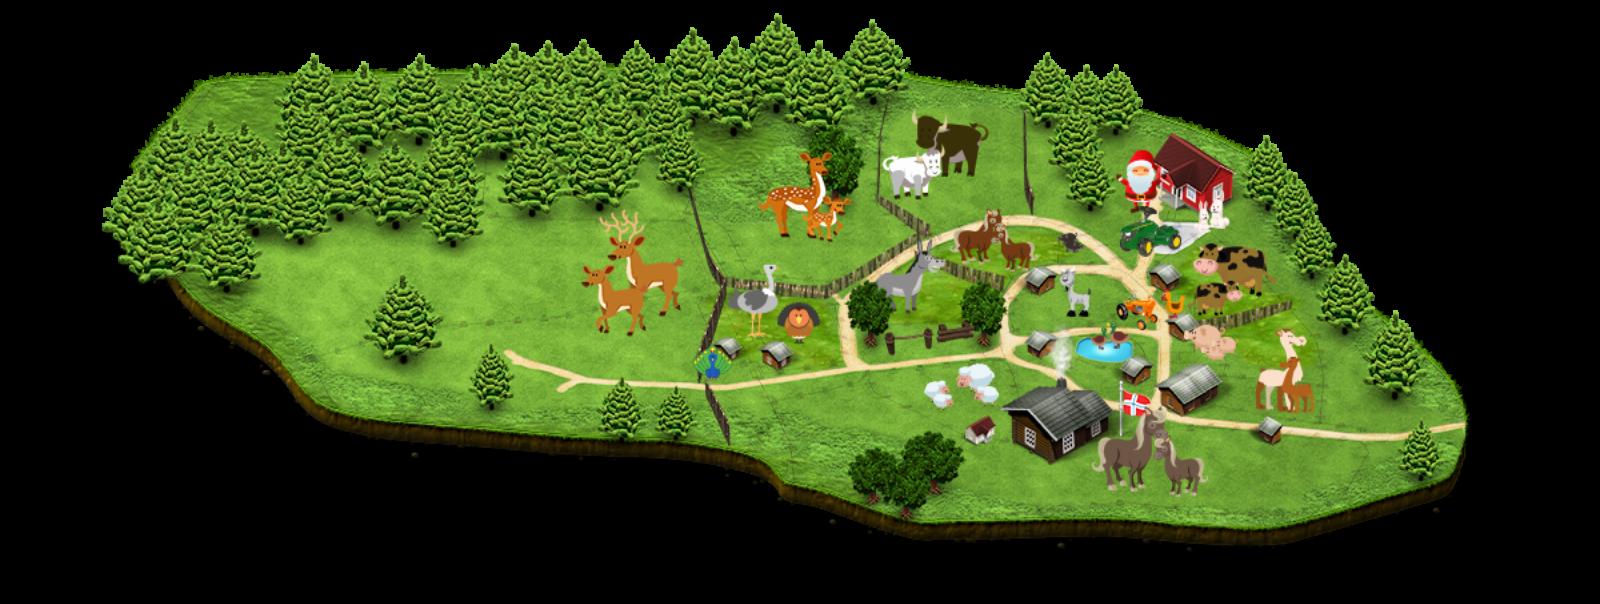 hunderfossen kart Kart over gården | Barnas Gård hunderfossen kart